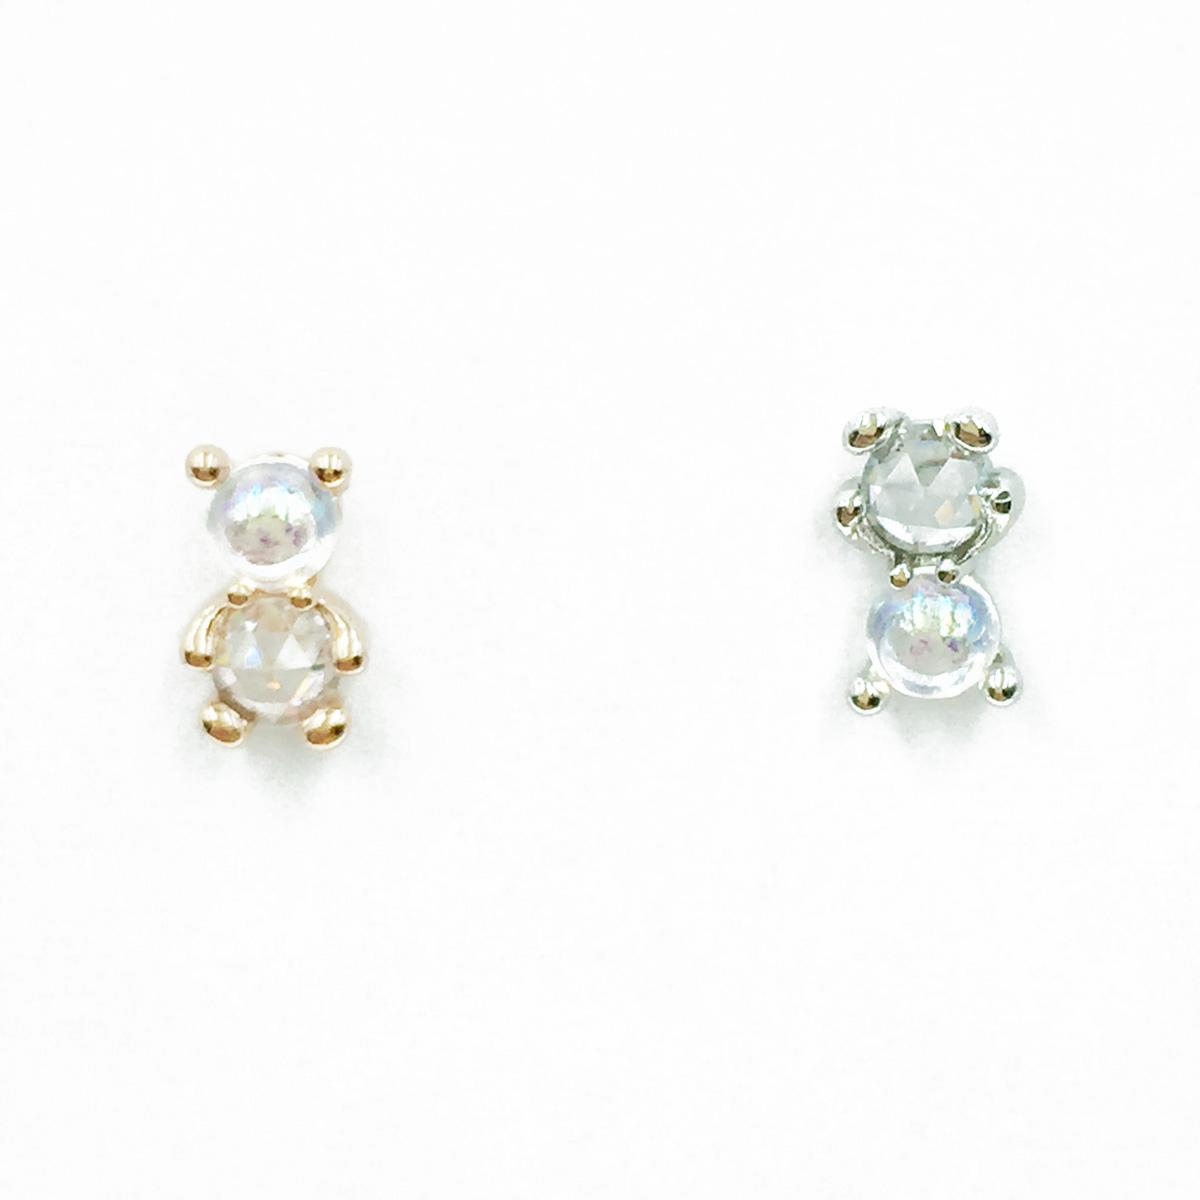 韓國 不鏽鋼 熊 水鑽 2色 單支後轉 耳針式耳環